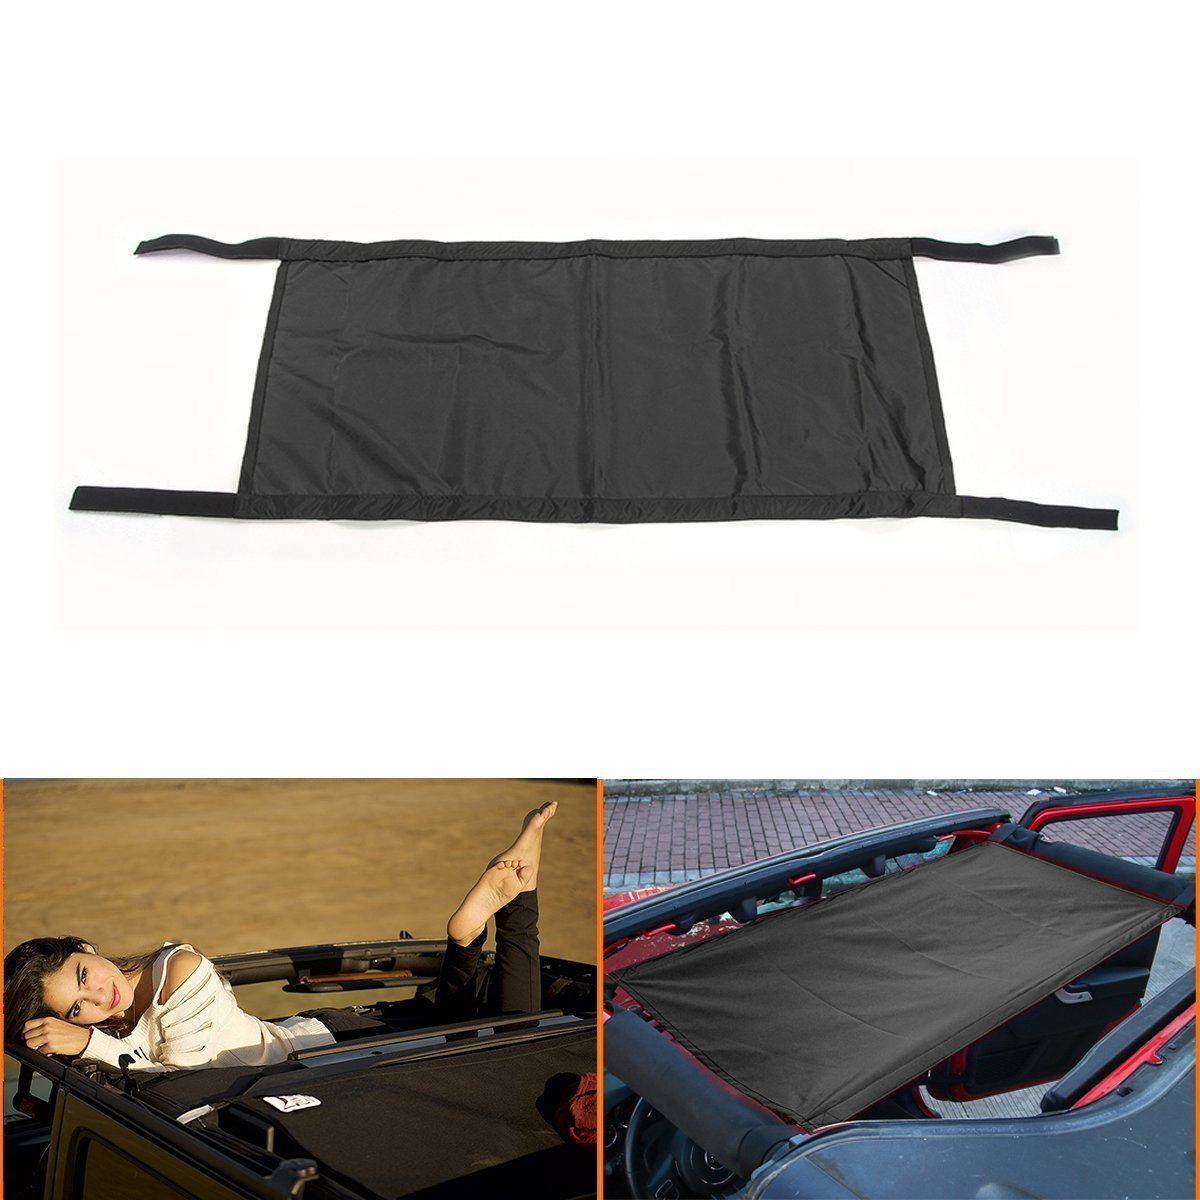 LITTOU Neuer Stil Schwarz Schwerlast Universal wasserdicht Auto Dach Hängematte Auto Bett Sich ausruhen Für Wrangler YJ, TJ, JK & JKU Modelle (1987-2017)